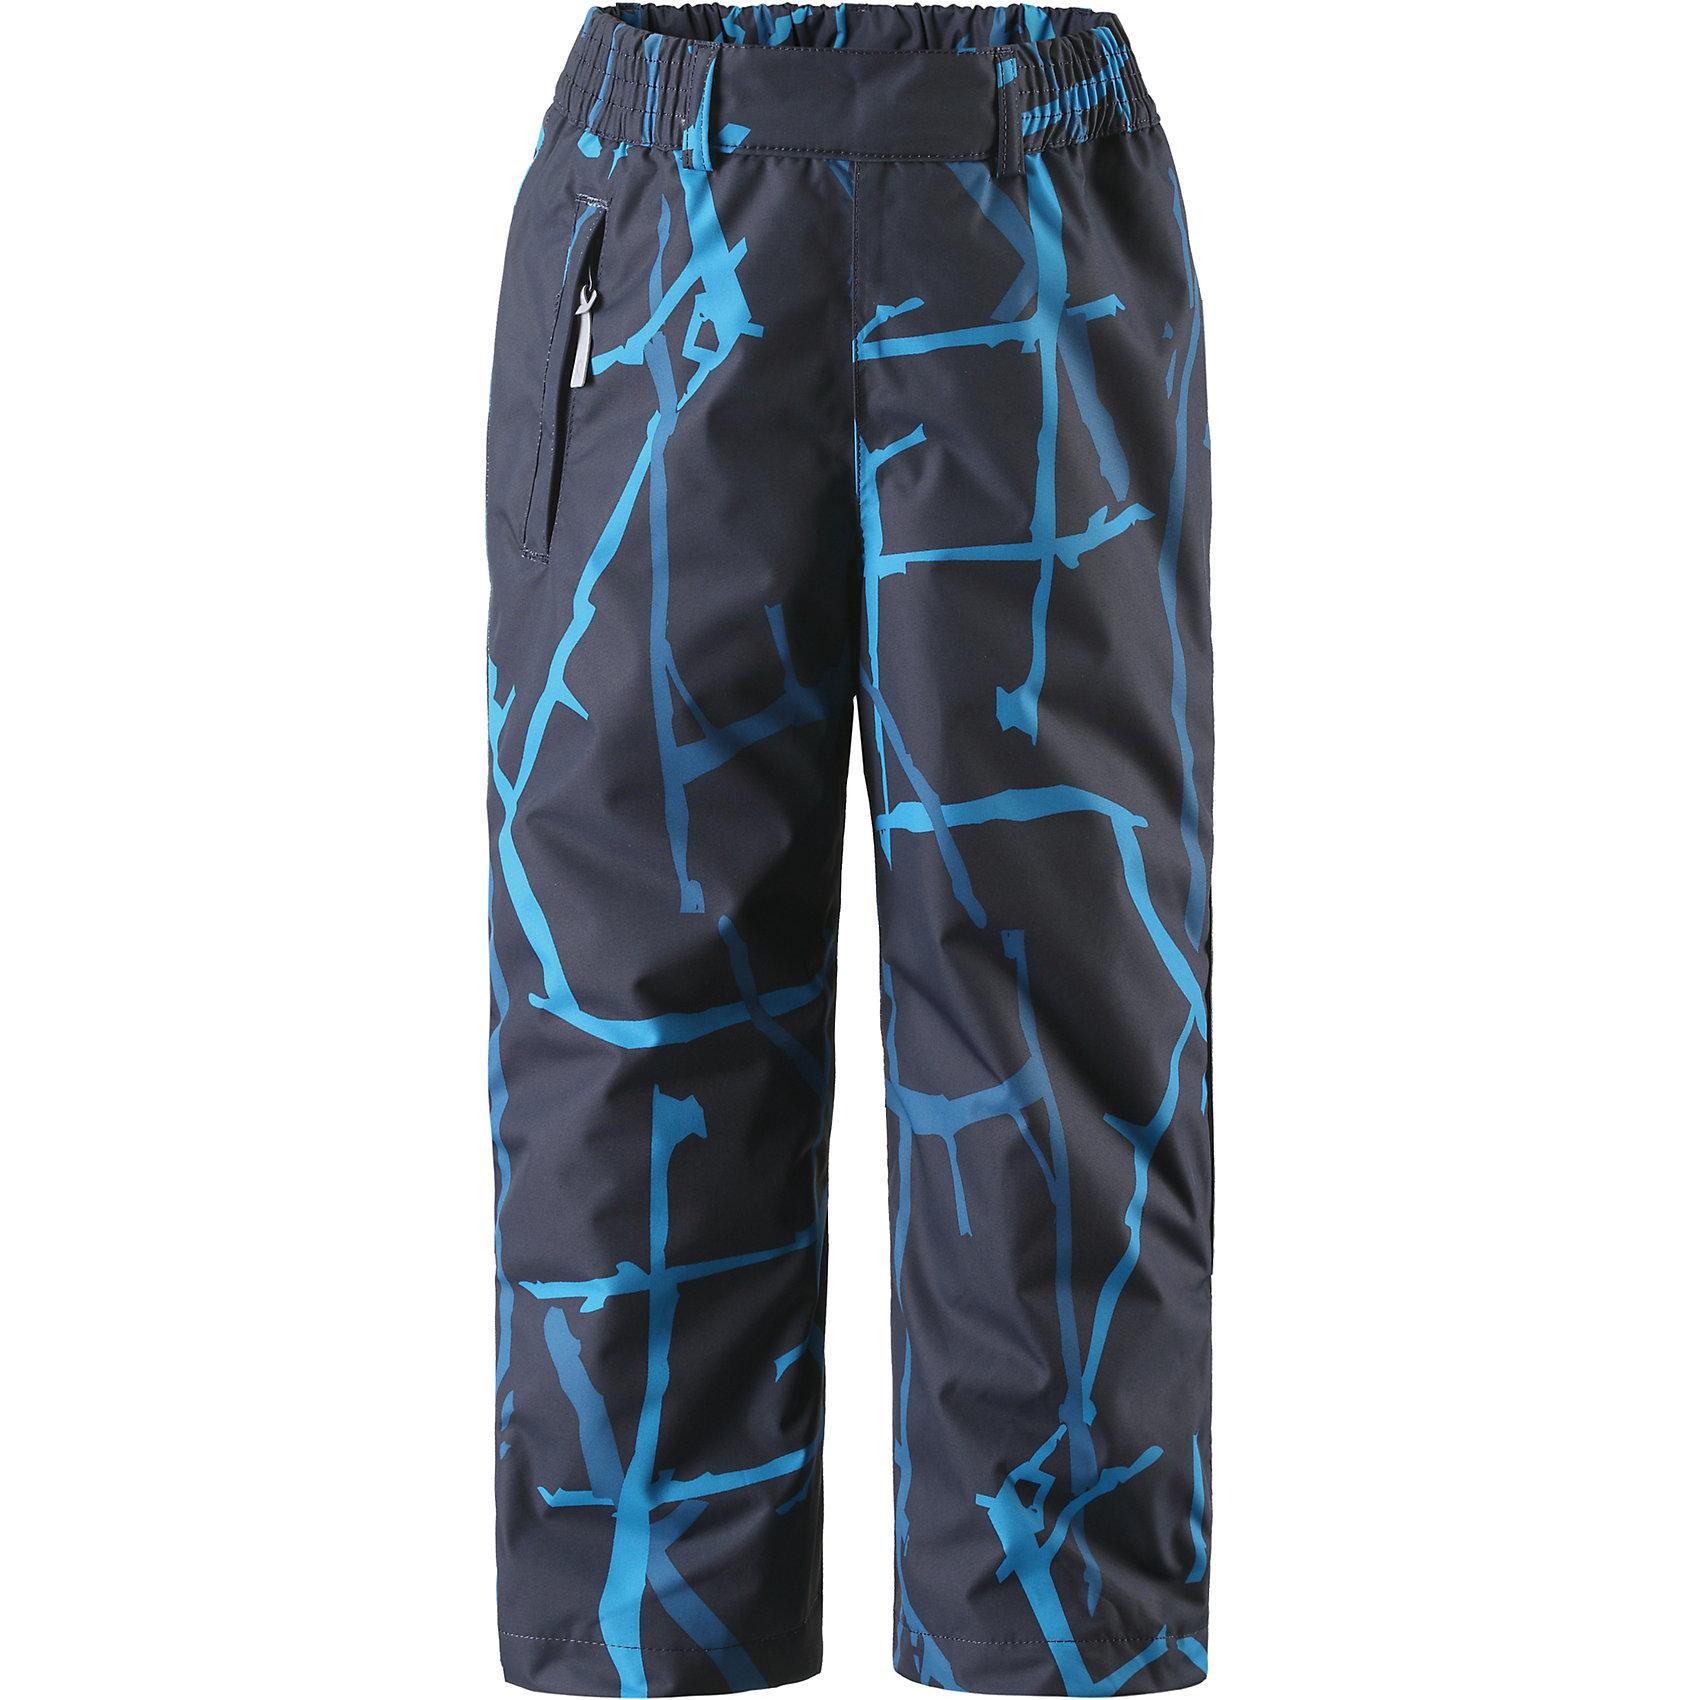 Брюки Reimatec® ReimaБрюки Reimatec® Reima (Рейма), темно синий от известного финского производителя детской одежды Reima. Зимние брюки выполнены из полиэстера с полиуретановым покрытием, обладают высокой износоустойчивостью, воздухопроницаемыми, ветрозащитными, водооталкивающими и грязеотталкивающими свойствами. Изделие устойчиво к изменению формы и цвета даже при длительном использовании. Силуэт изделия имеет классическую форму: прямые брюки с высокой посадкой, регулируемый по ширине пояс делают изделие особо комфортным для активного отдыха и прогулок.  С правого бока имеется втачной карман  на молнии. У брюк все швы проклеенные, снизу брючин предусмотрена регулировка по ширине и блокировка на кнопках от попадания снега. Зимние брюки от Reima  можно носить при температуре до - 20 градусов.    <br><br>Дополнительная информация:<br><br>- Предназначение: повседневная одежда для прогулок и активного отдыха<br>- Цвет: темно синий, голубой<br>- Пол: для мальчика<br>- Состав: 100% полиэстер, полиуретановое покрытие<br>- Сезон: зима<br>- Особенности ухода: стирать изделие, предварительно вывернув его на левую сторону, не использовать отбеливающие вещества<br><br>Подробнее:<br><br>• Для детей в возрасте: от 1,5 лет и до 2 лет<br>• Страна производитель: Китай<br>• Торговый бренд: Reima, Финляндия<br><br>Брюки Reimatec® Reima (Рейма), темно синий можно купить в нашем интернет-магазине.<br><br>Ширина мм: 215<br>Глубина мм: 88<br>Высота мм: 191<br>Вес г: 336<br>Возраст от месяцев: 18<br>Возраст до месяцев: 24<br>Пол: Мужской<br>Возраст: Детский<br>Размер: 92<br>SKU: 4864024